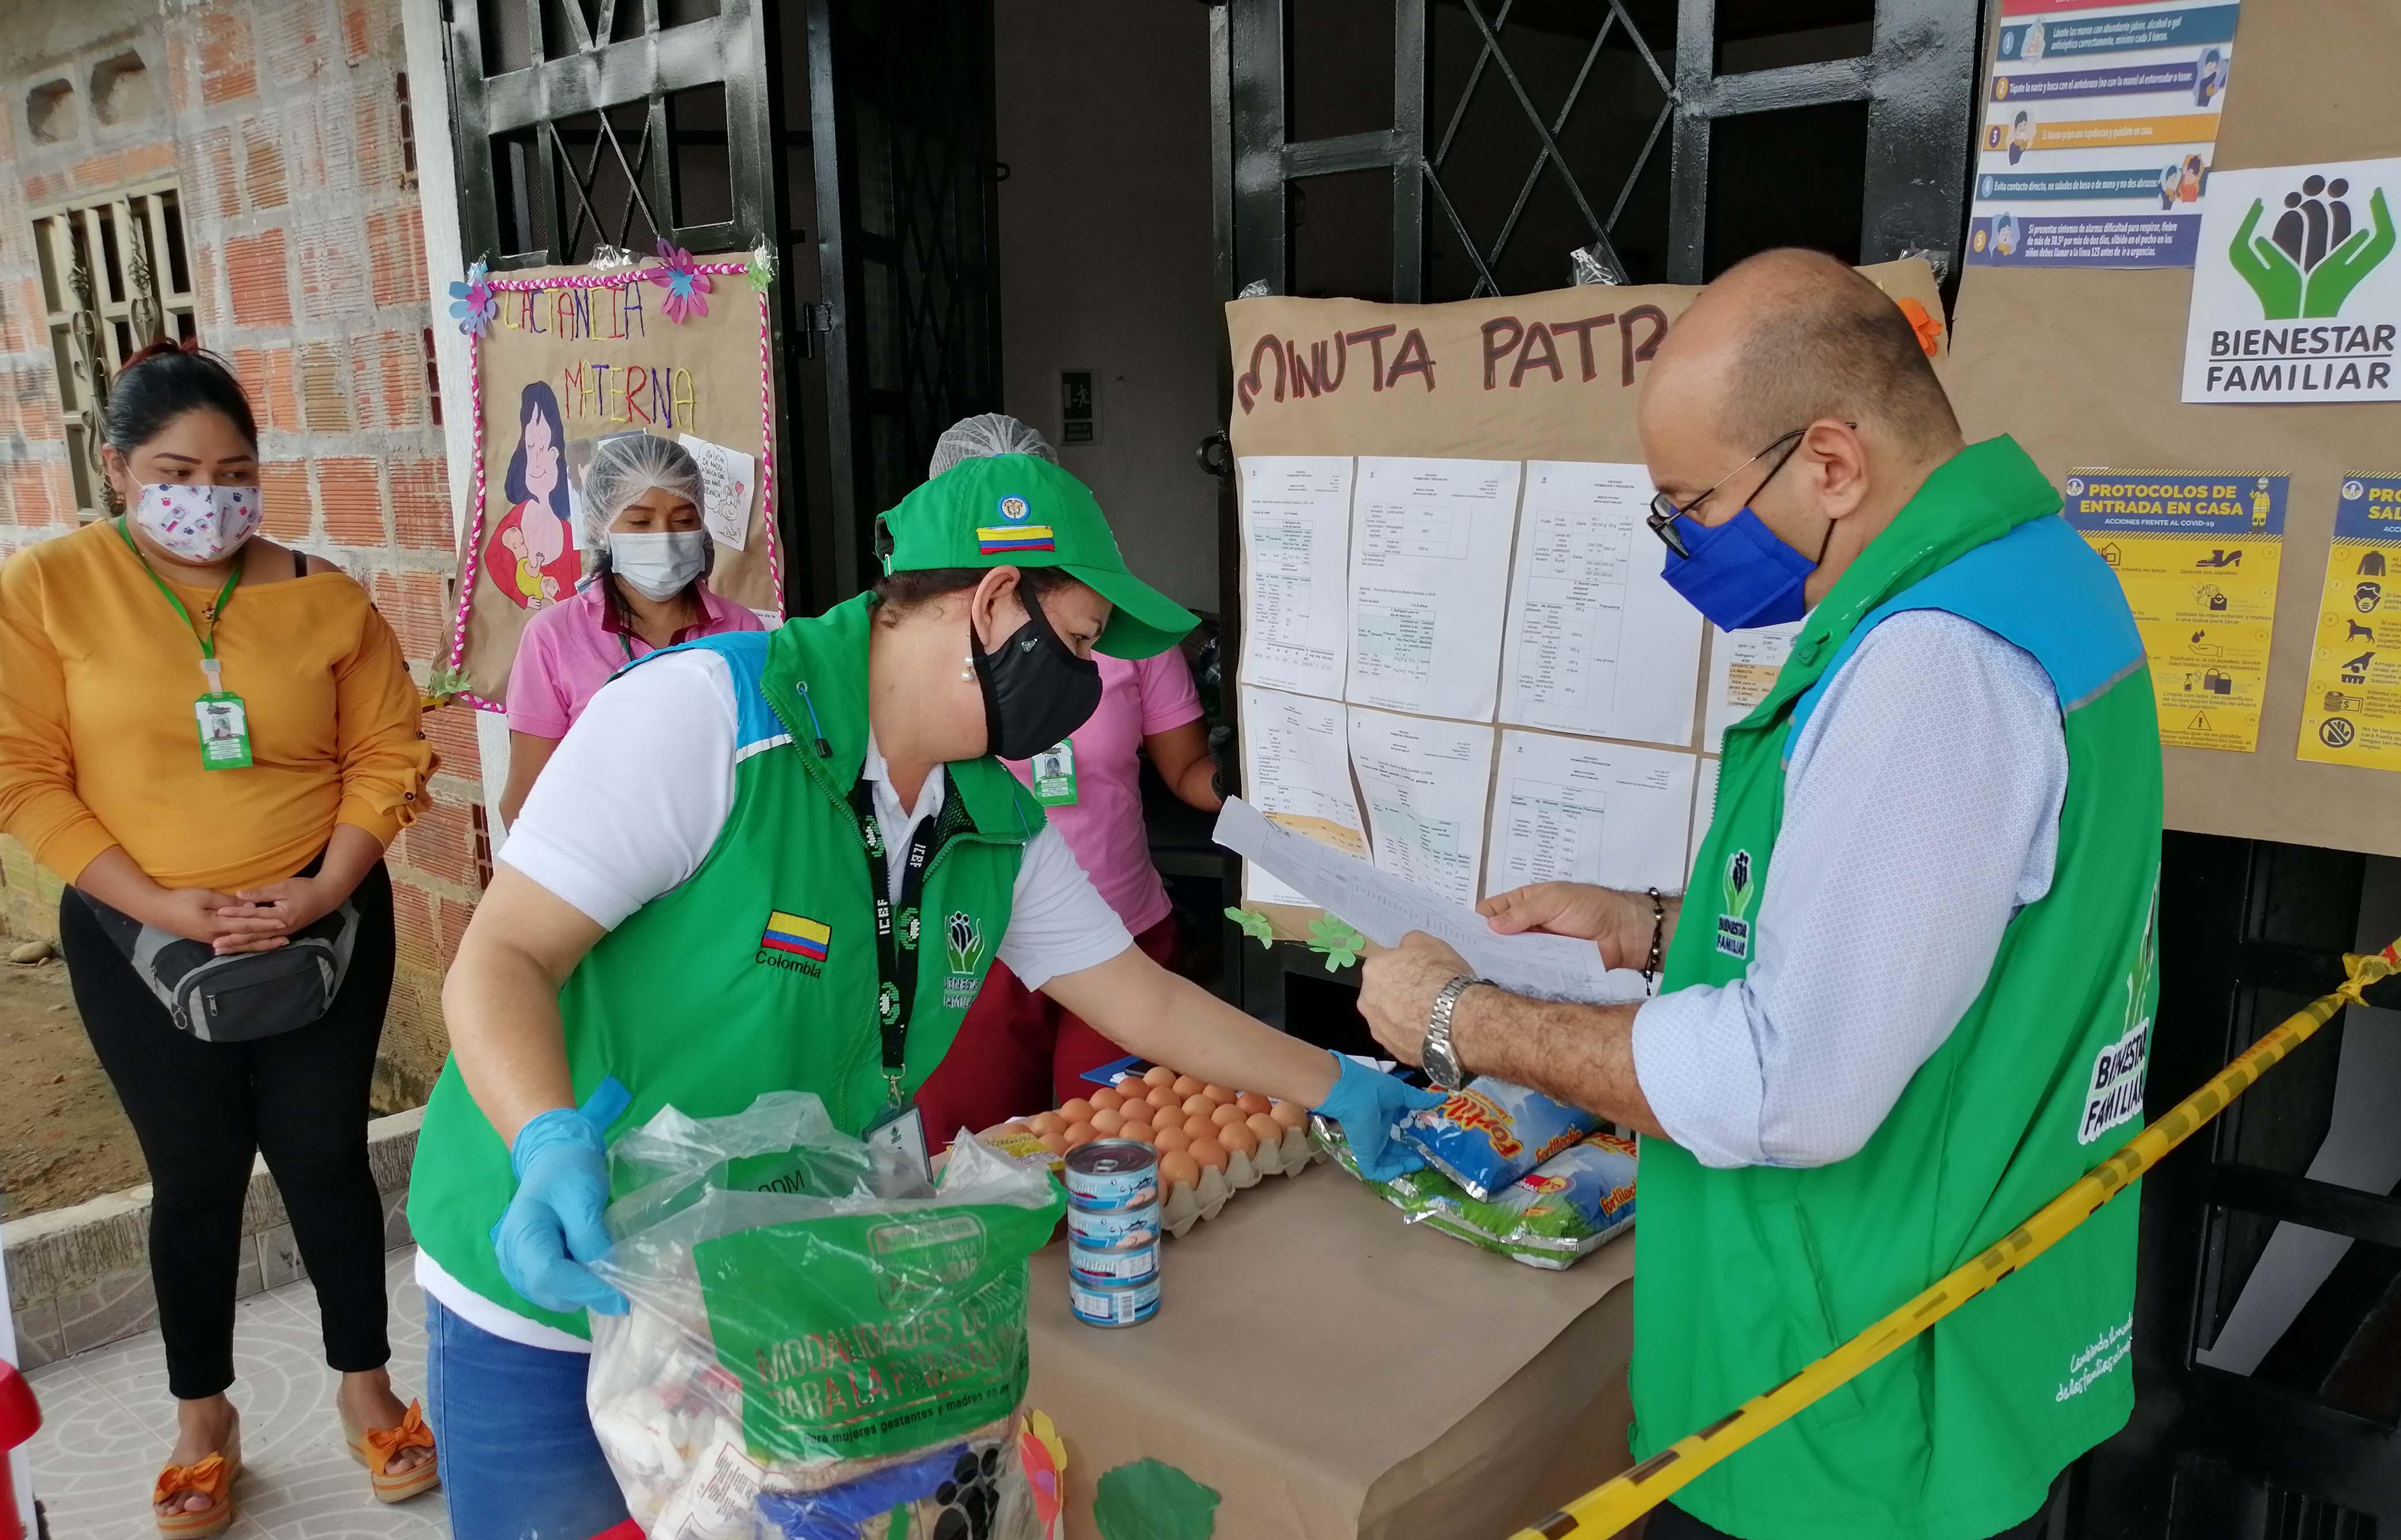 ICBF entregó más de 100 mil canastas alimentarias a las familias del Caquetá